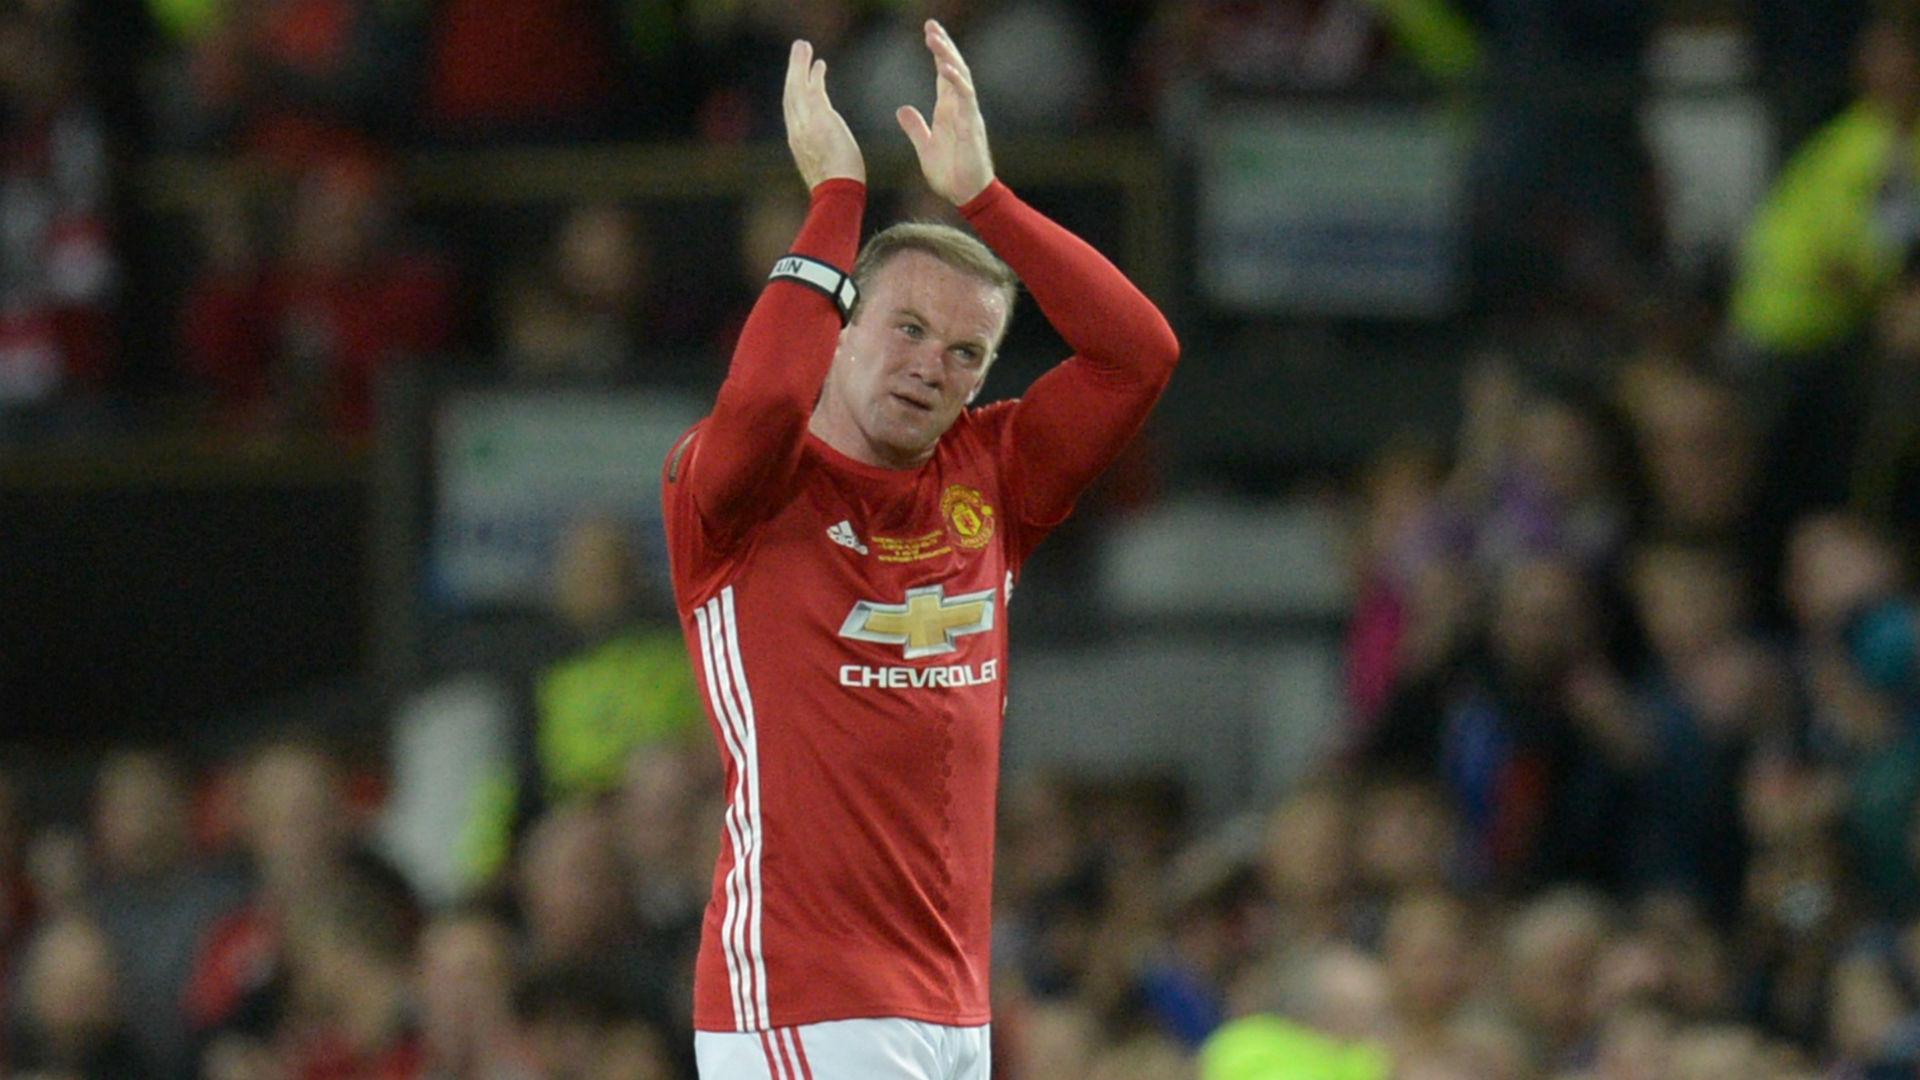 NÓNG: Rooney trên đường rời Old Trafford để trở lại mái nhà xưa Everton